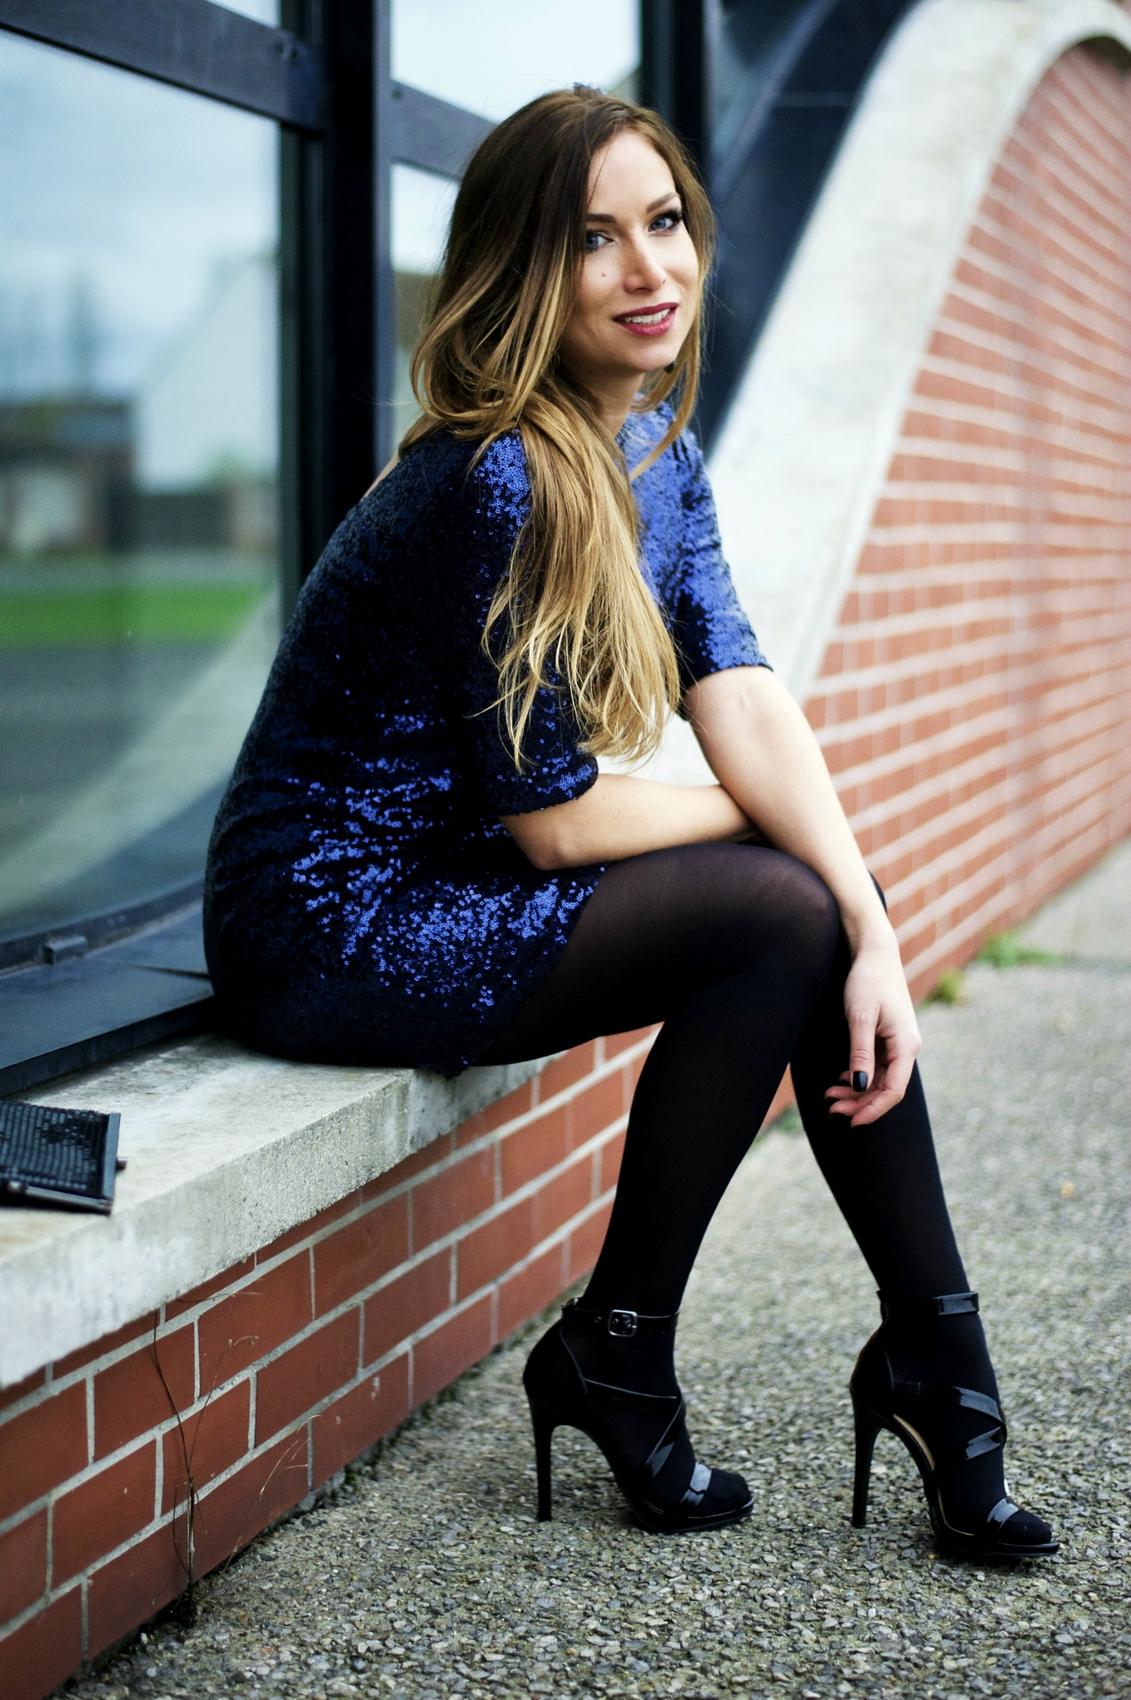 tenue de soirée robe a paillettes sequins bleu nuit collants opaques noirs sandales vernies